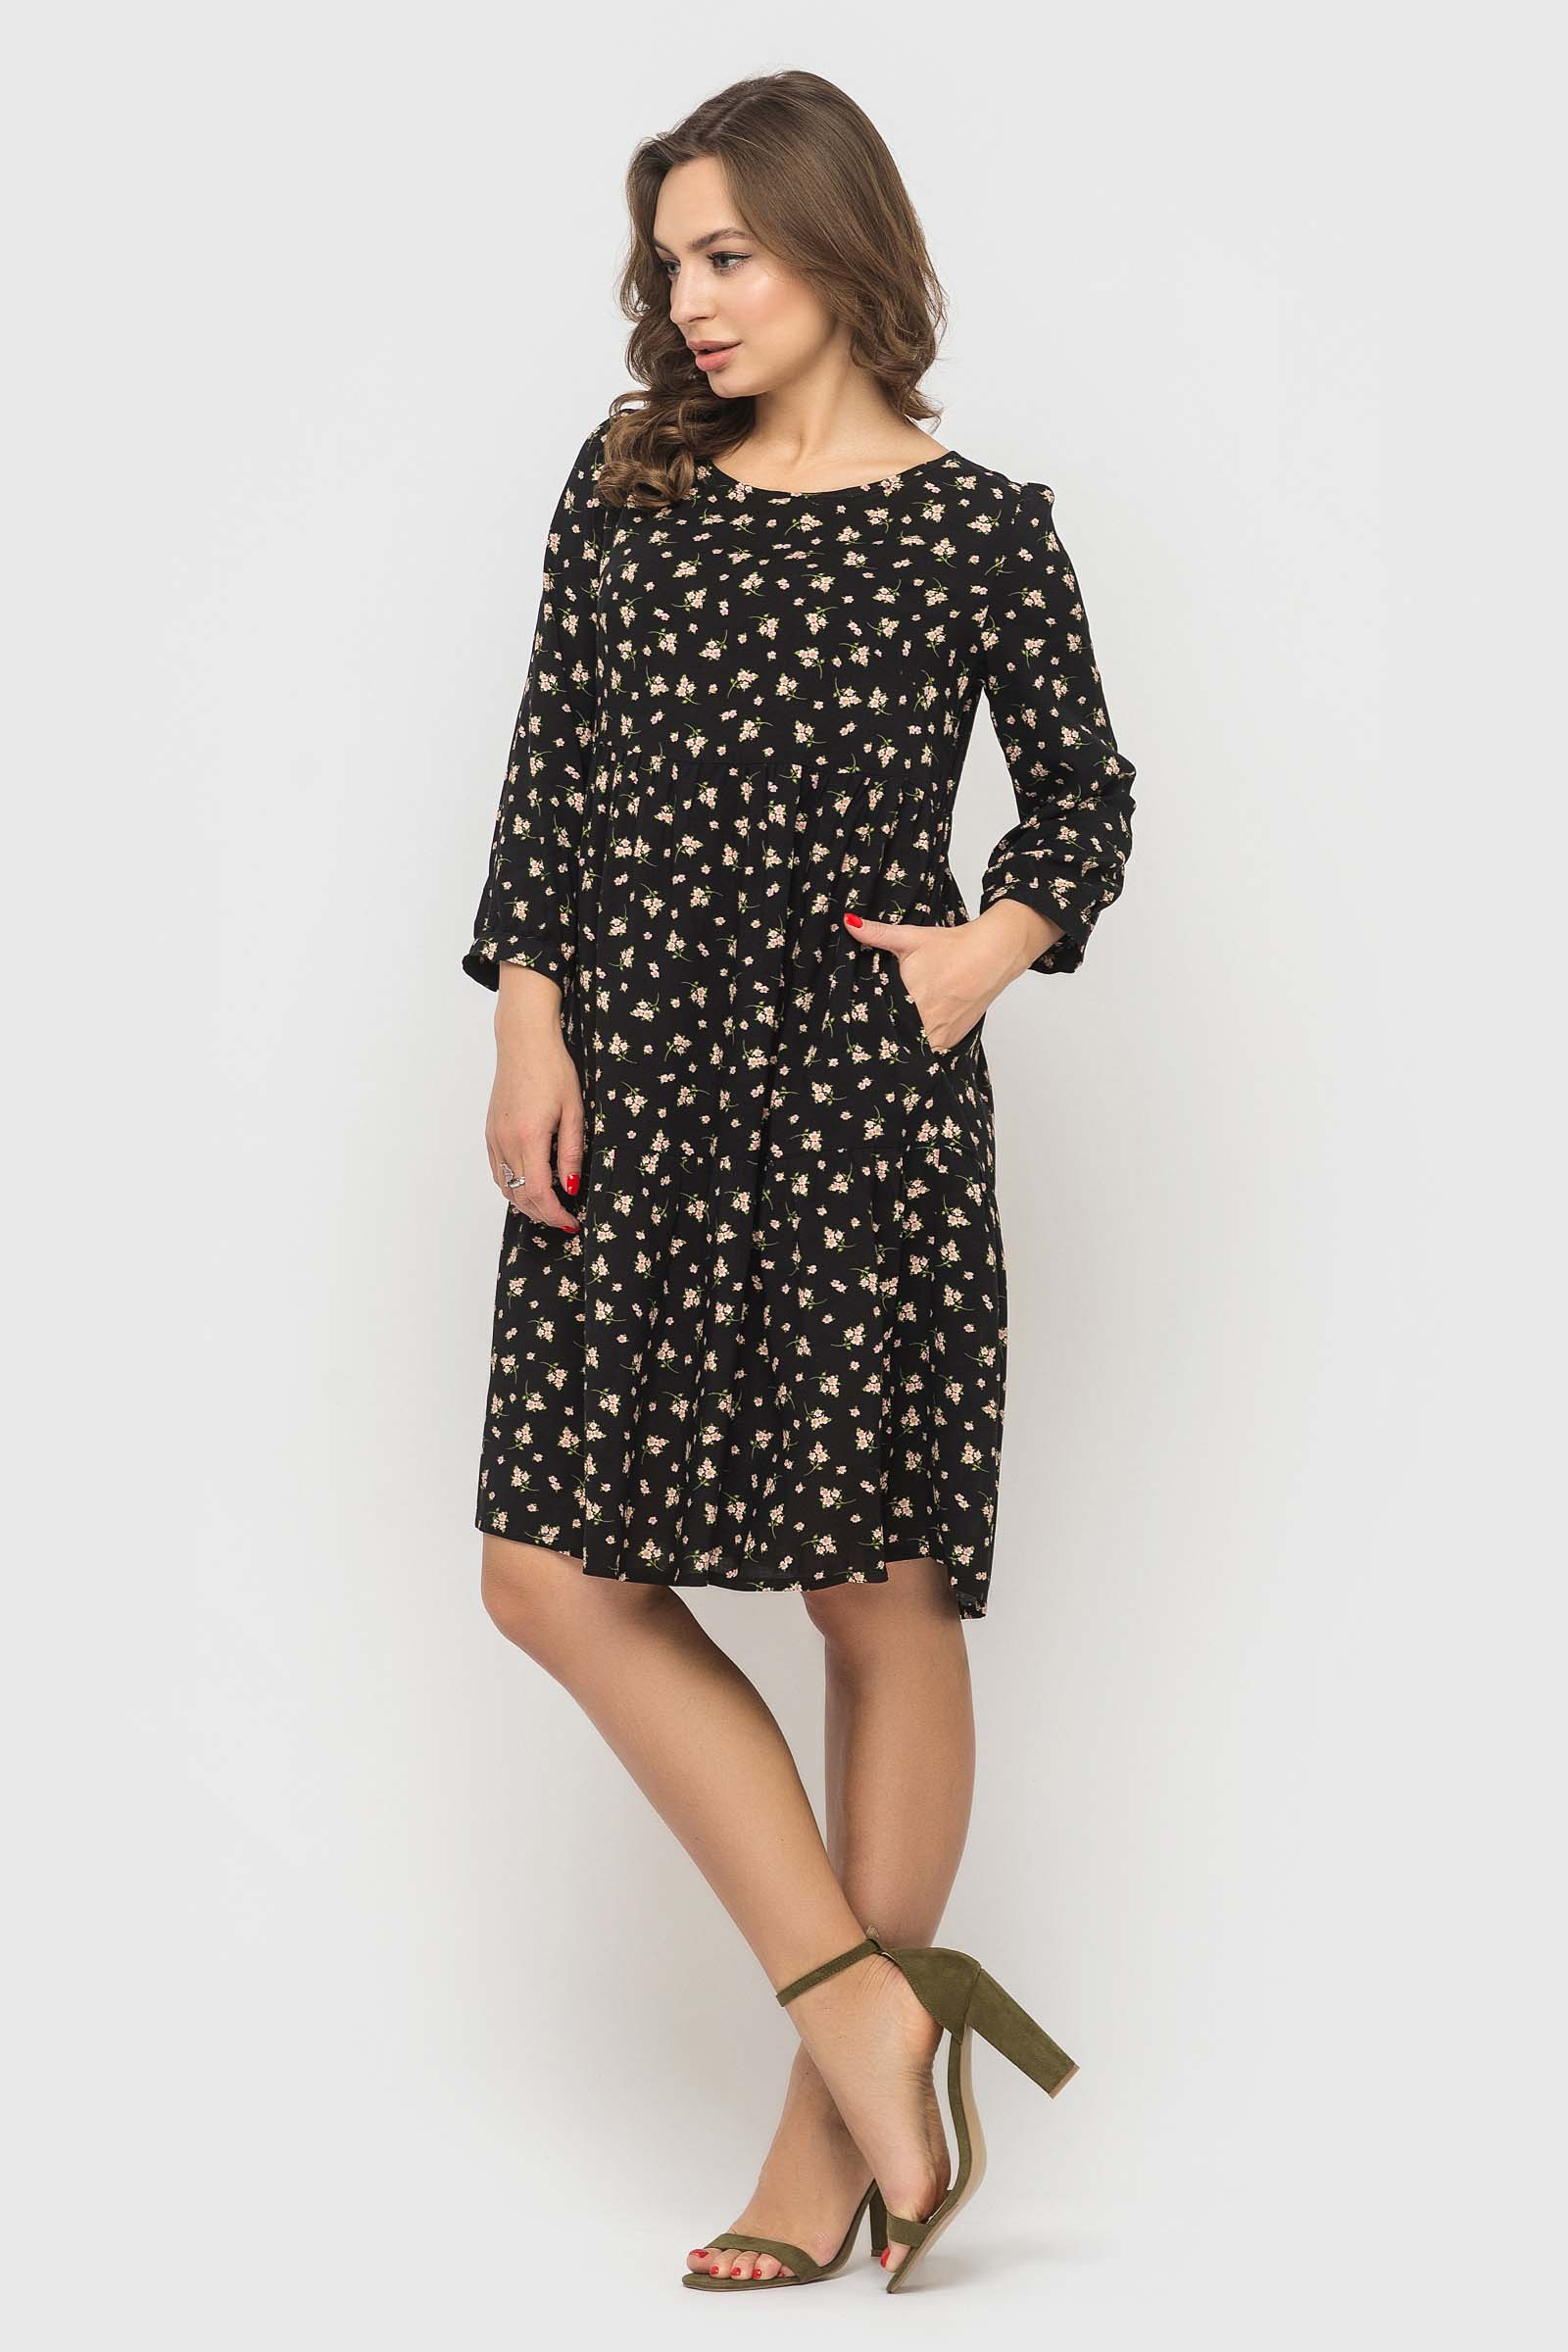 be art 2020 04 07182350 Купить платье